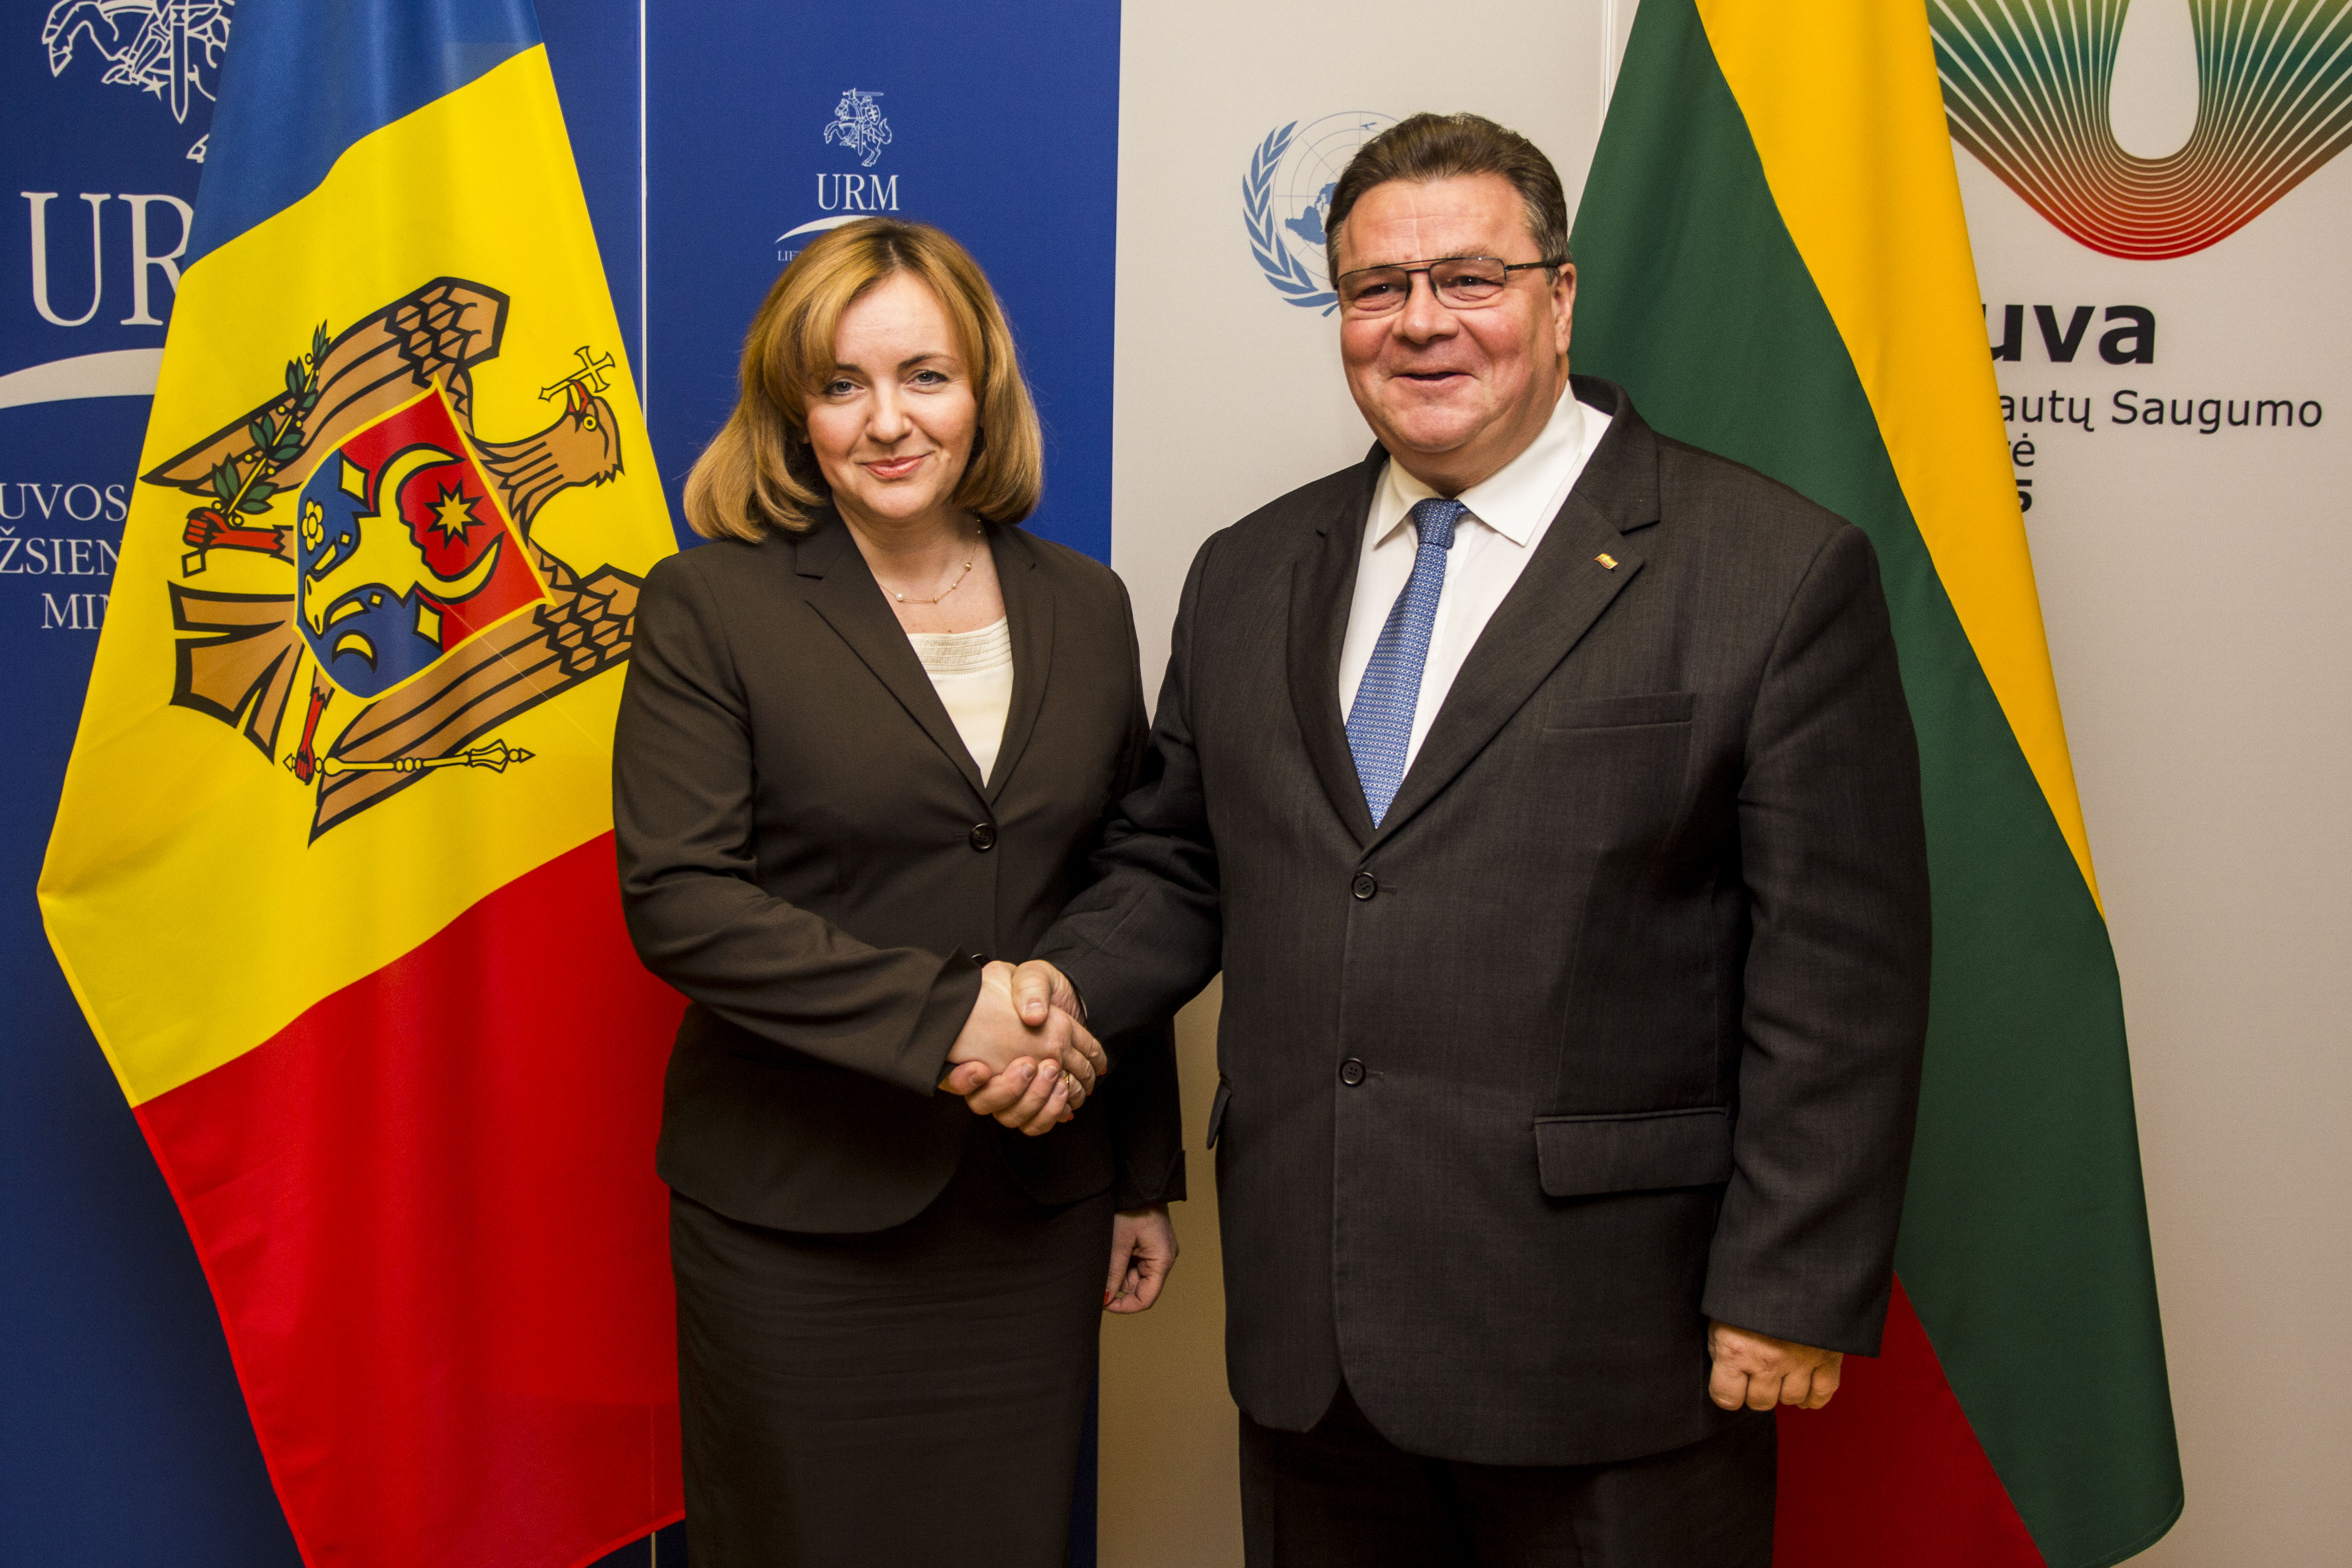 Cea de-a 6-a reuniune a comisiei moldo-lituaniene în domeniul integrării europene, la Vilnius